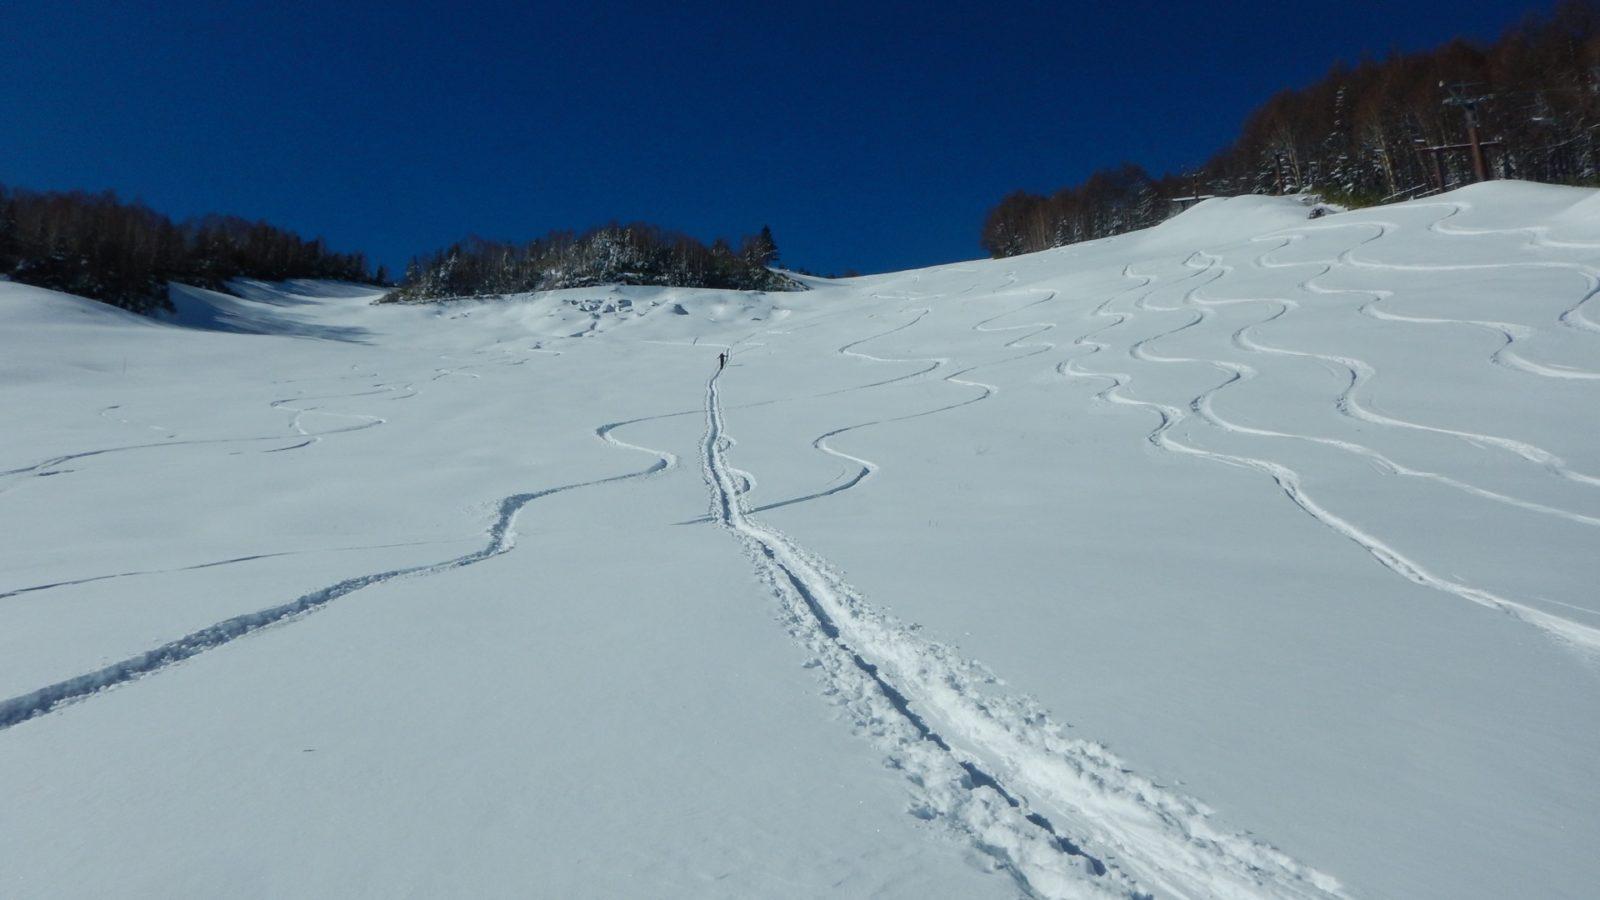 スキー場内なのでバックカントリーではないけど、ありでしょう。